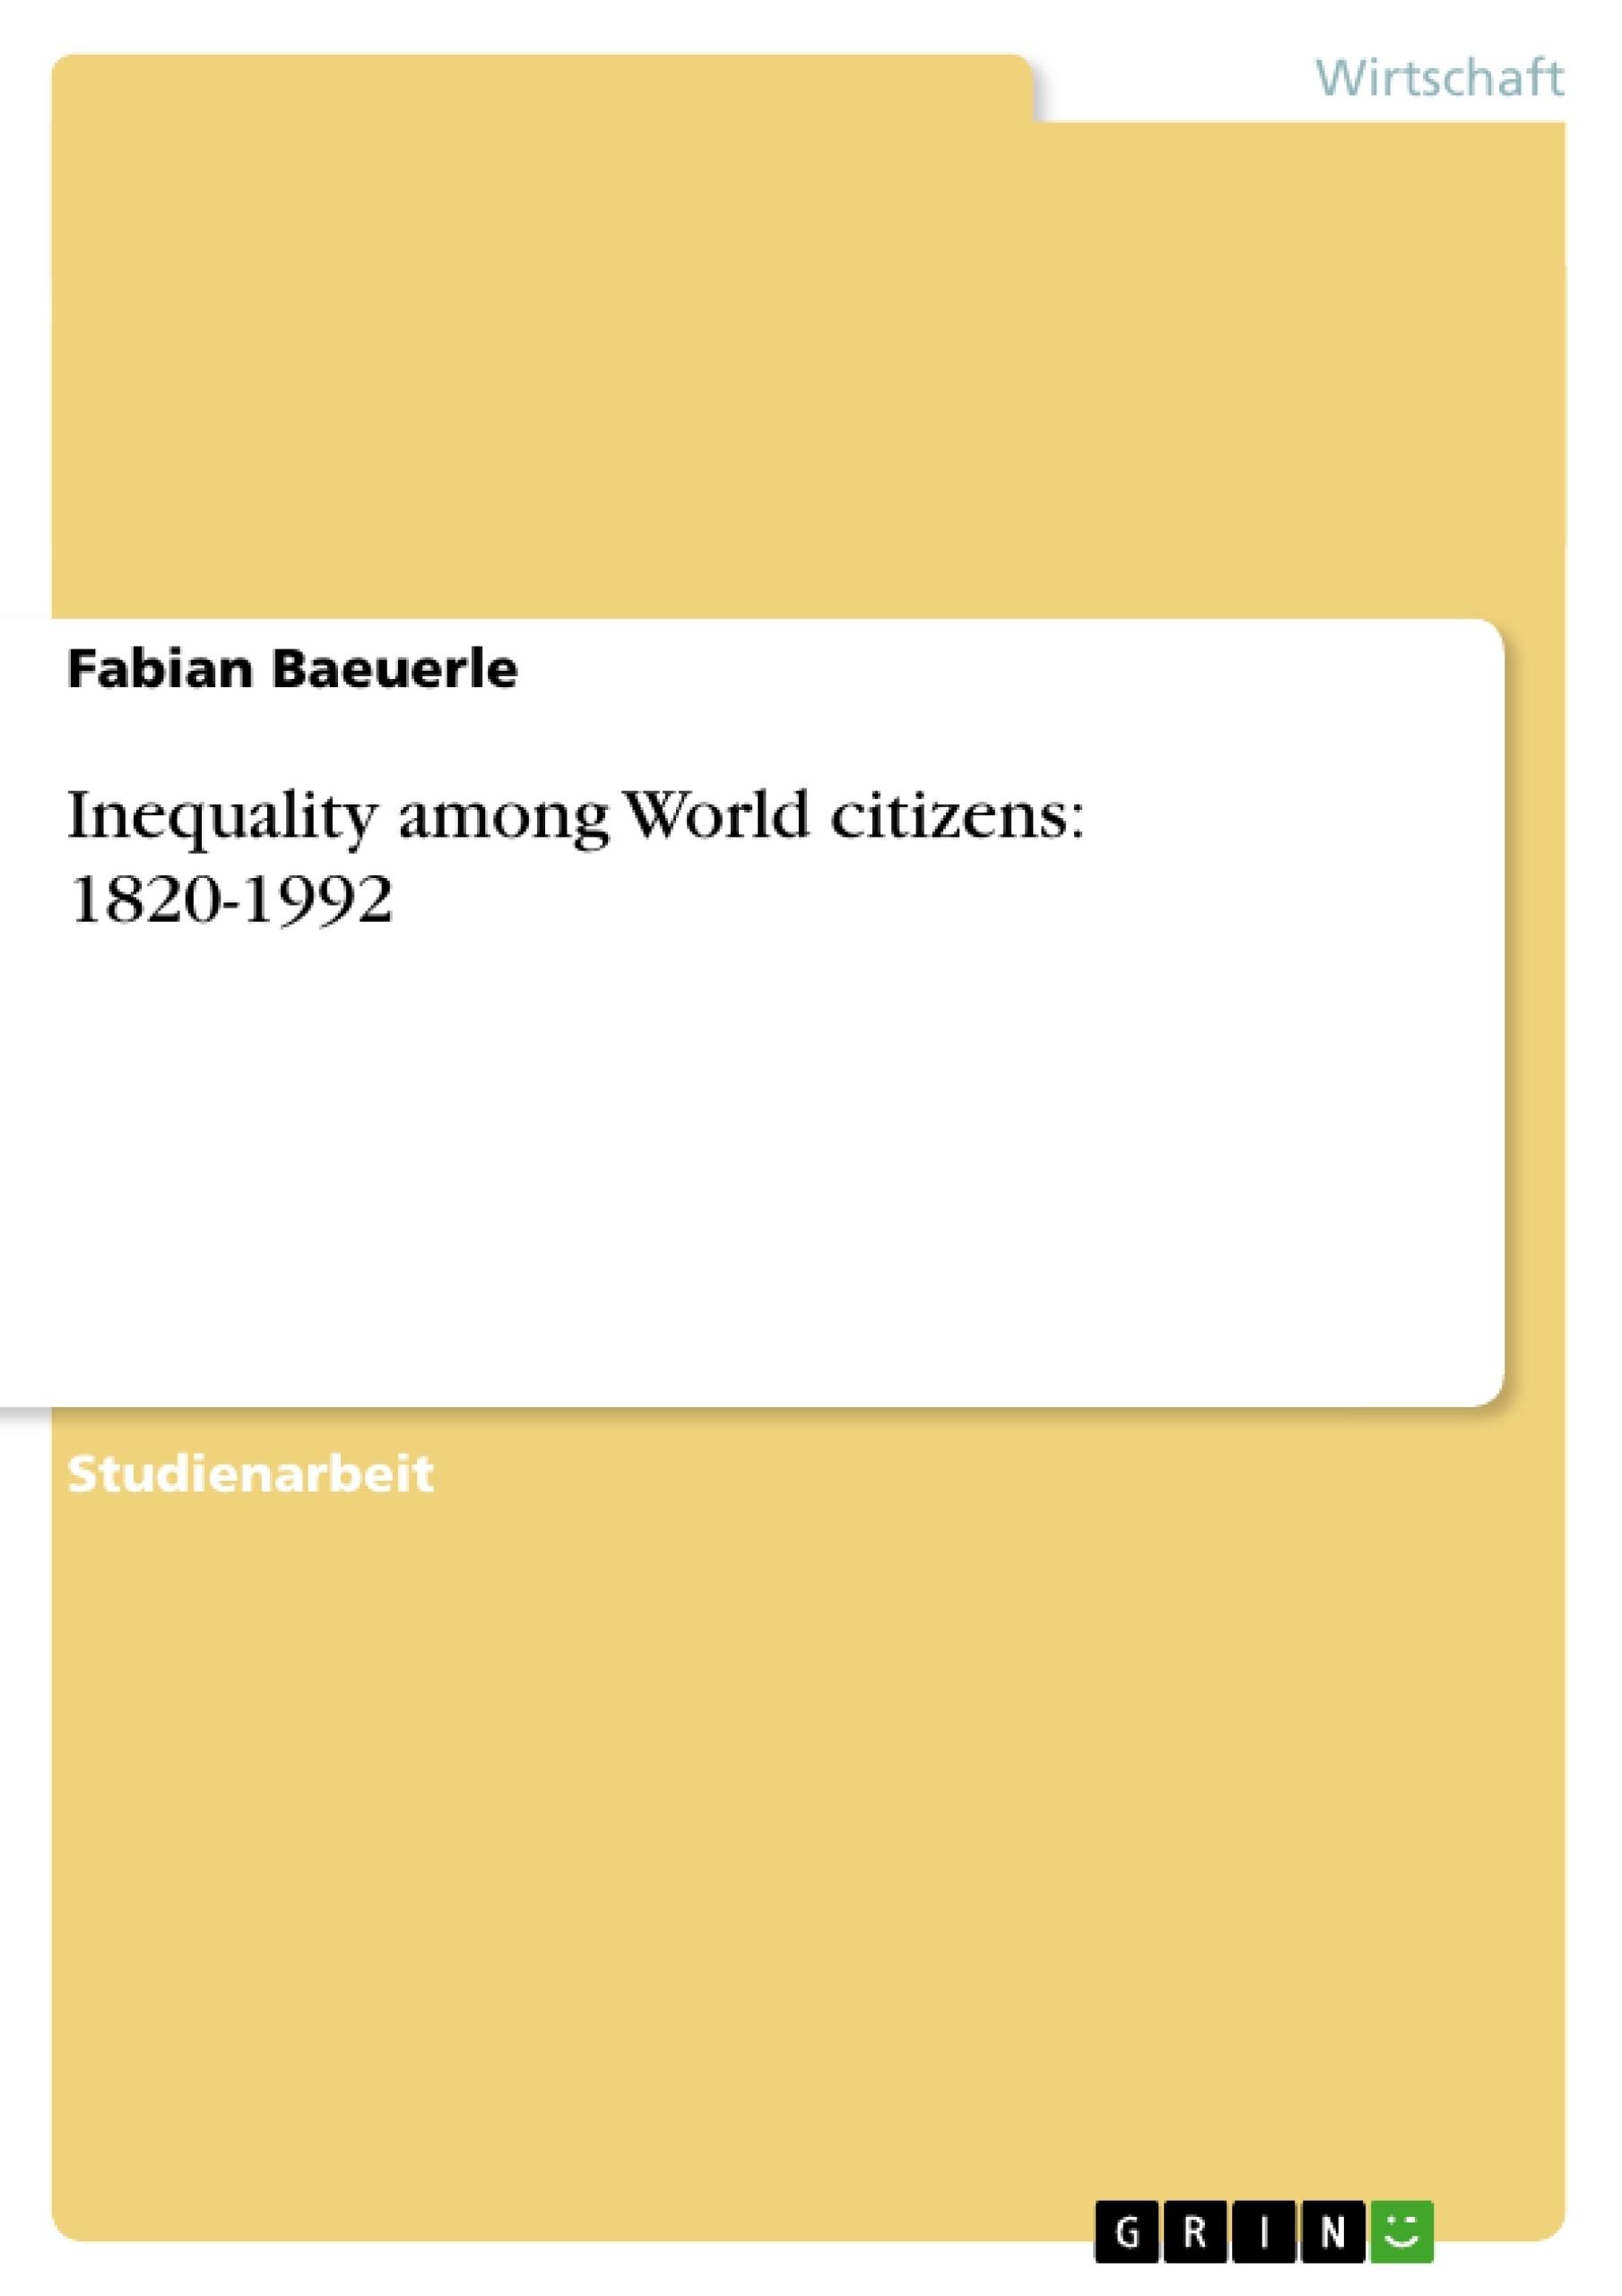 Titel: Inequality among World citizens: 1820-1992